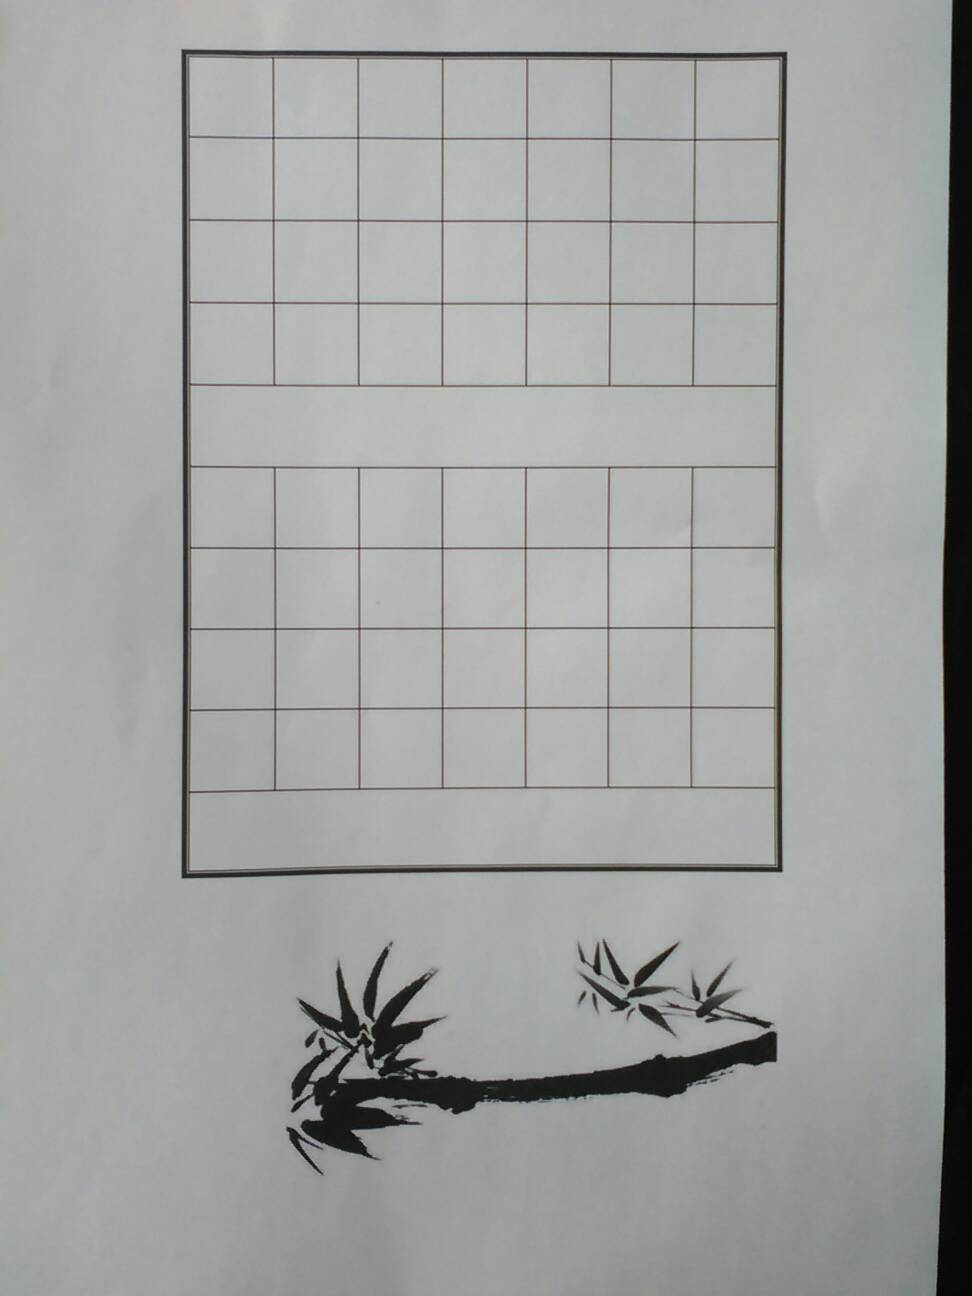 硬笔书法纸的格式图片